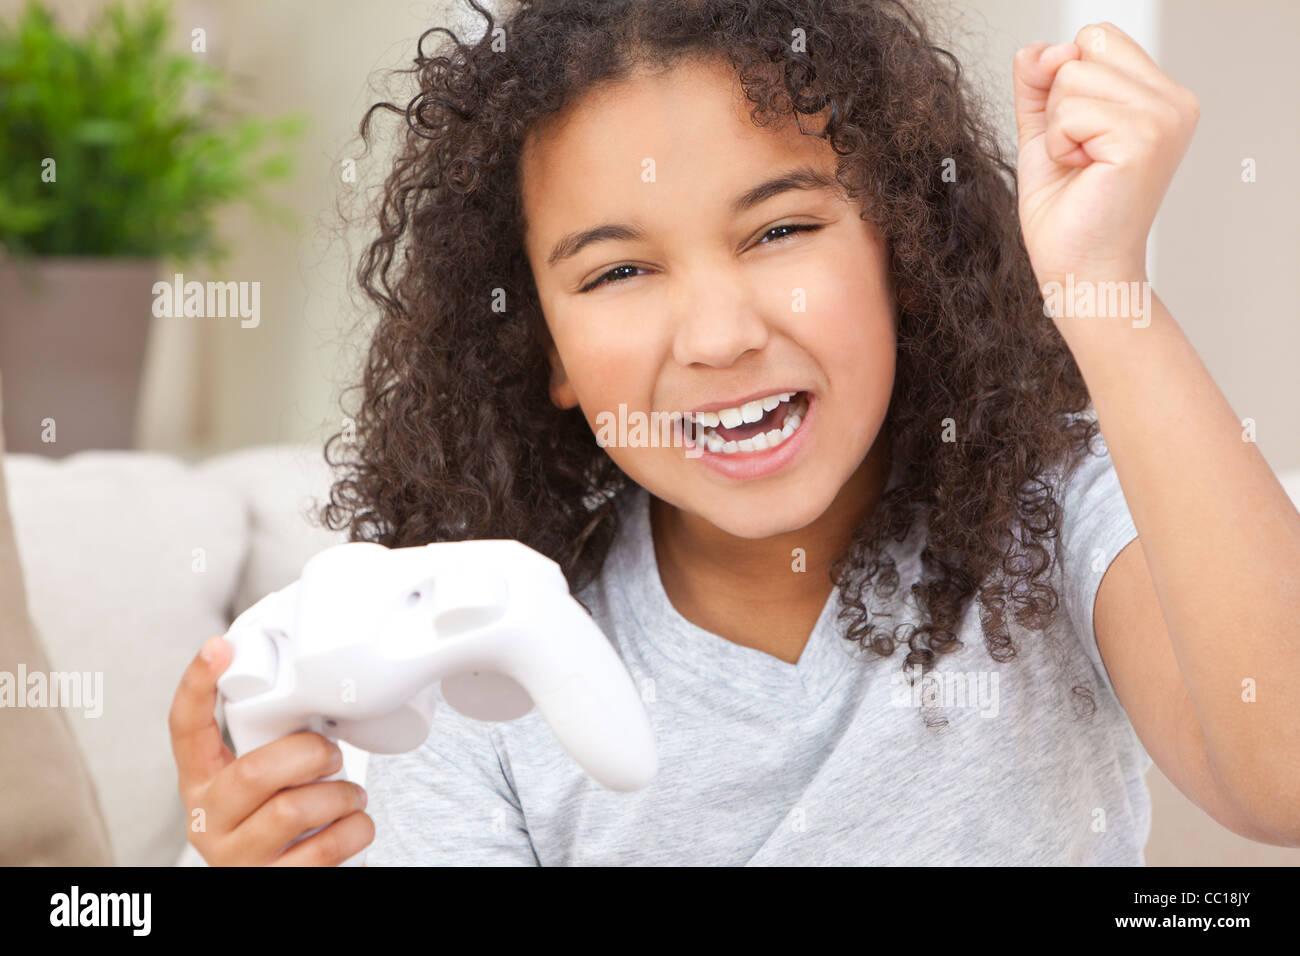 Magnificent idea young girl interracial pics